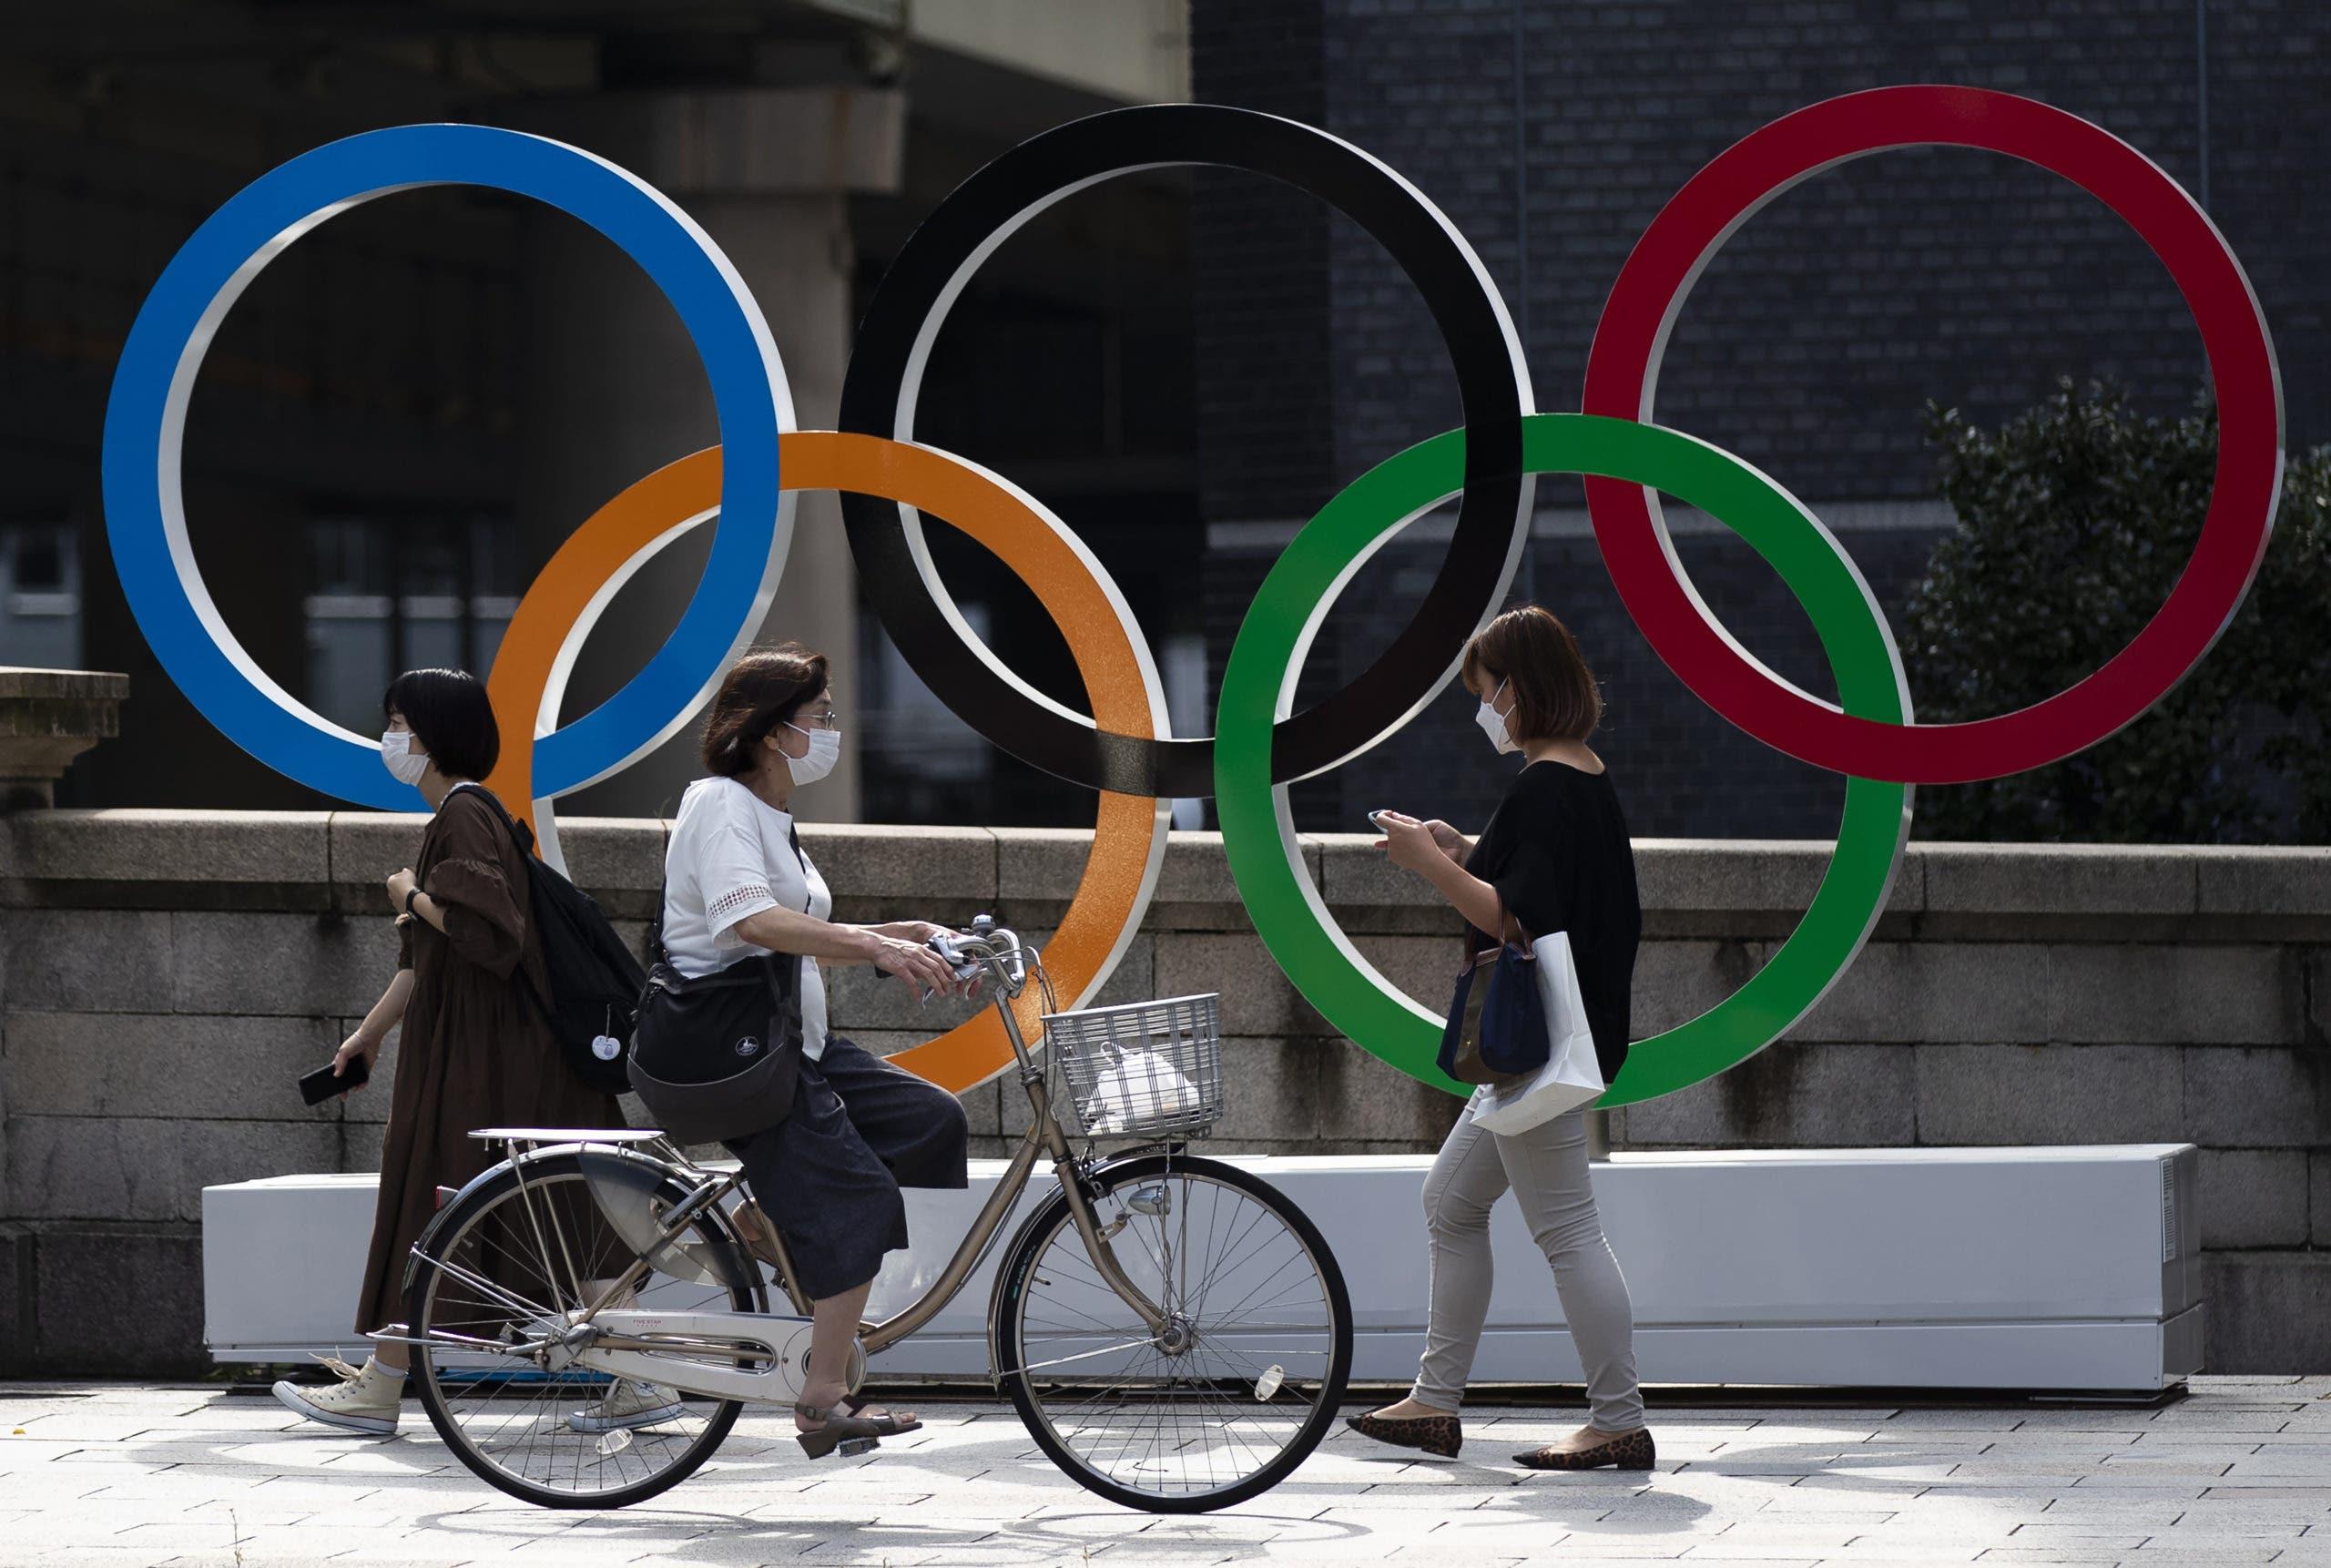 Tokio 2020 se suma a historia de Juegos Olímpicos inusuales